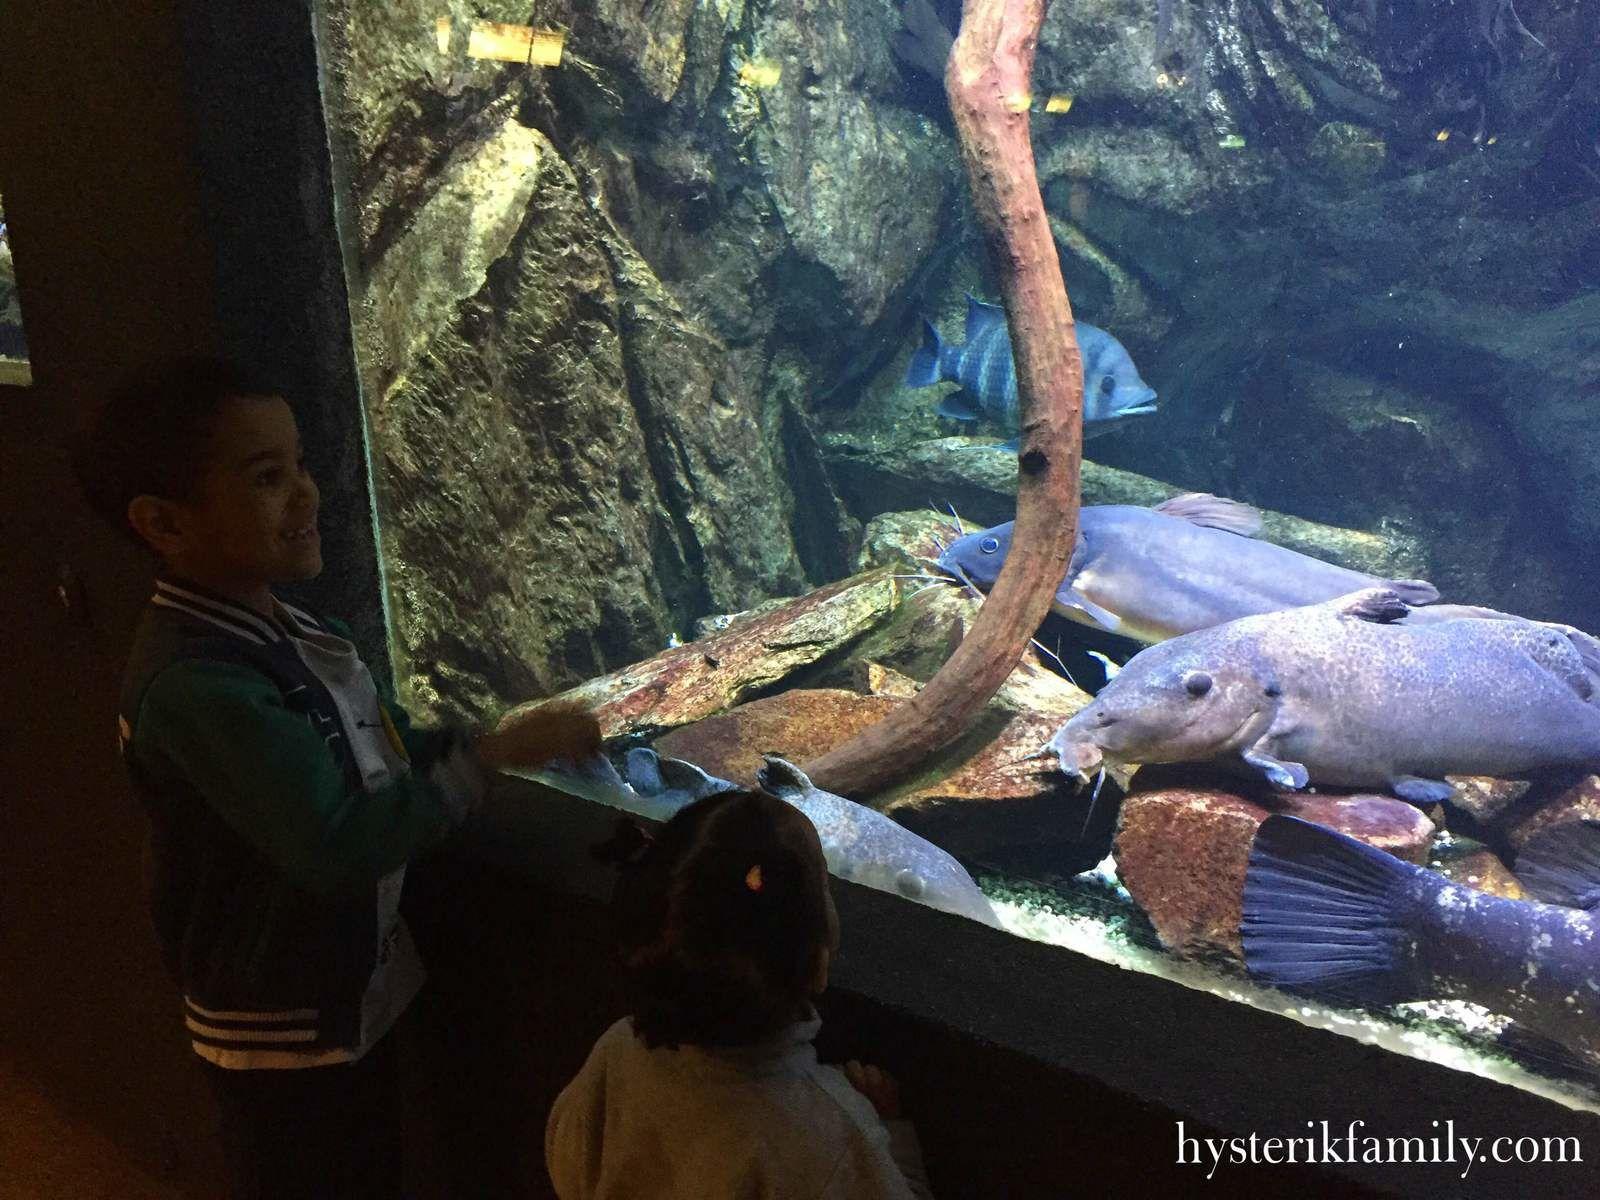 L'aquarium tropical de Porte Dorée - Sortie en famille à Paris